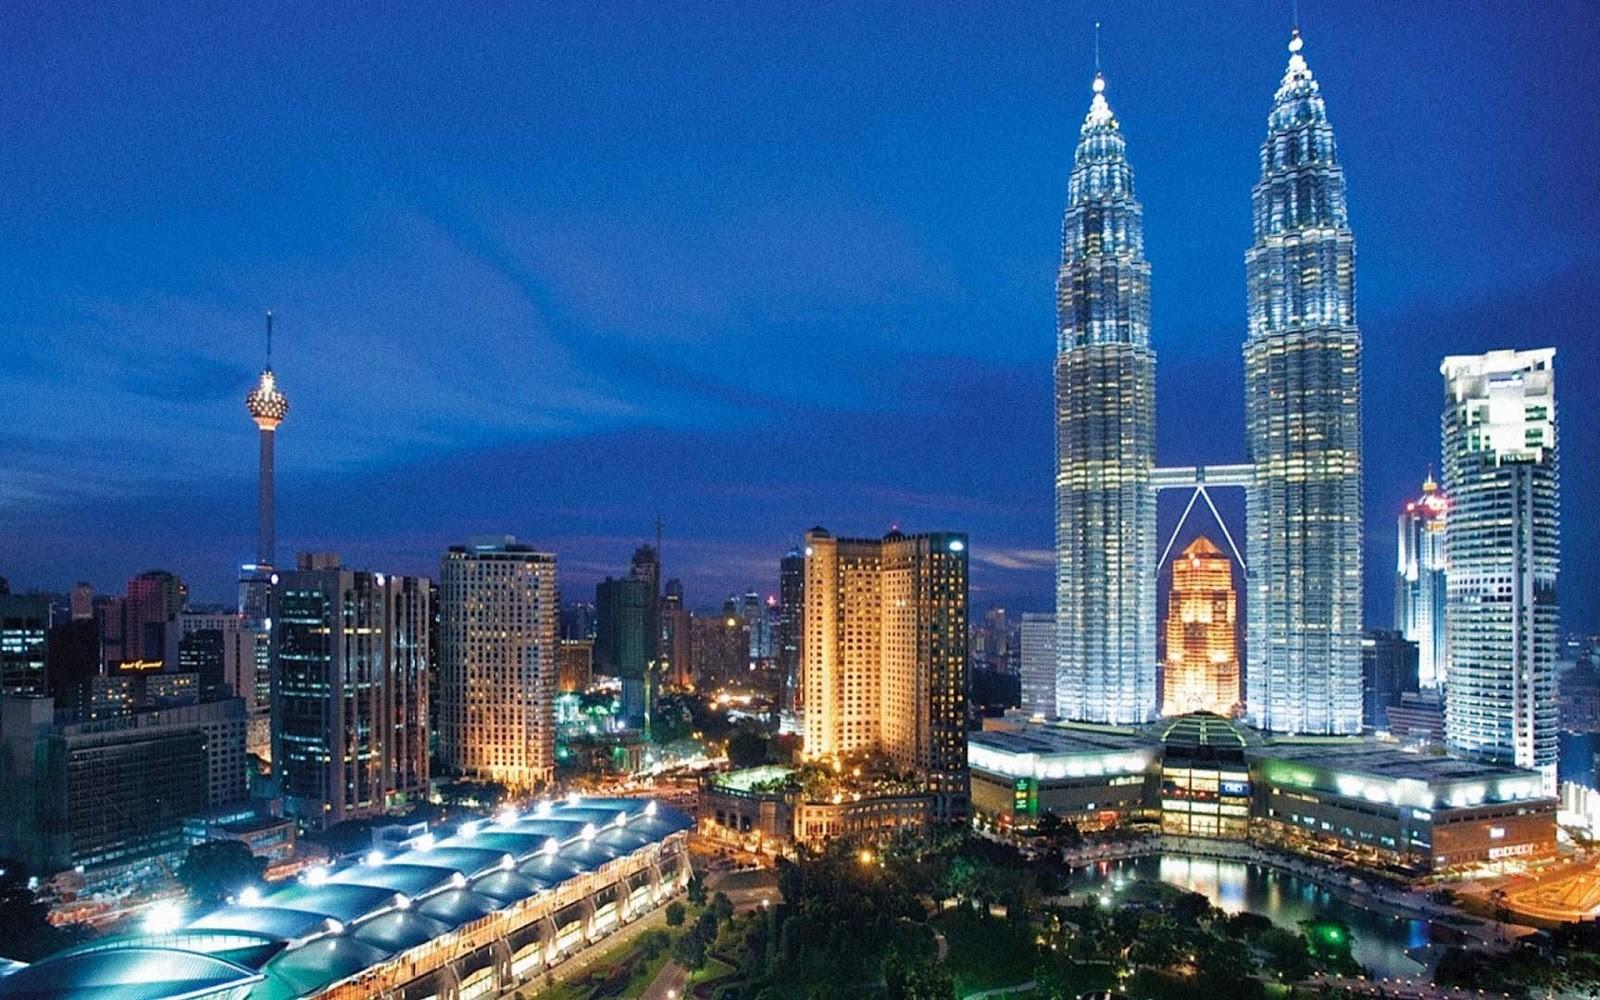 Tháp đôi Pertronas - Địa điểm không thể bỏ qua khi du lịch Malaysia